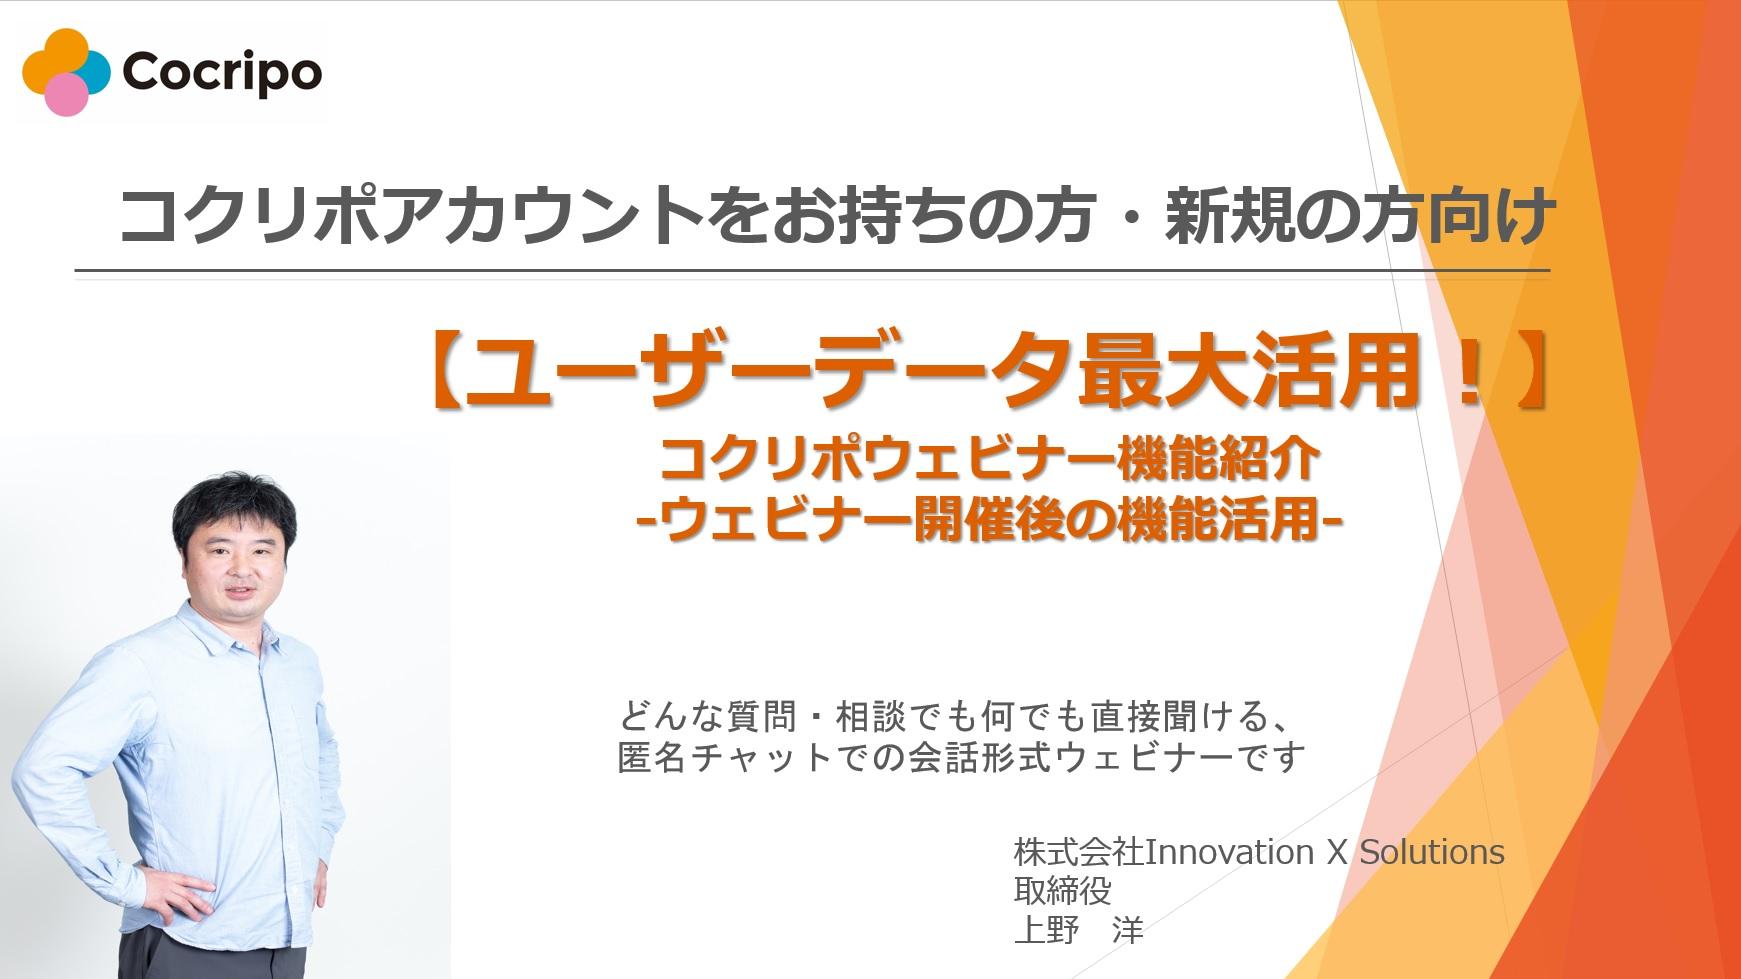 【ユーザーデータ最大活用】ウェビナー開催後の機能活用